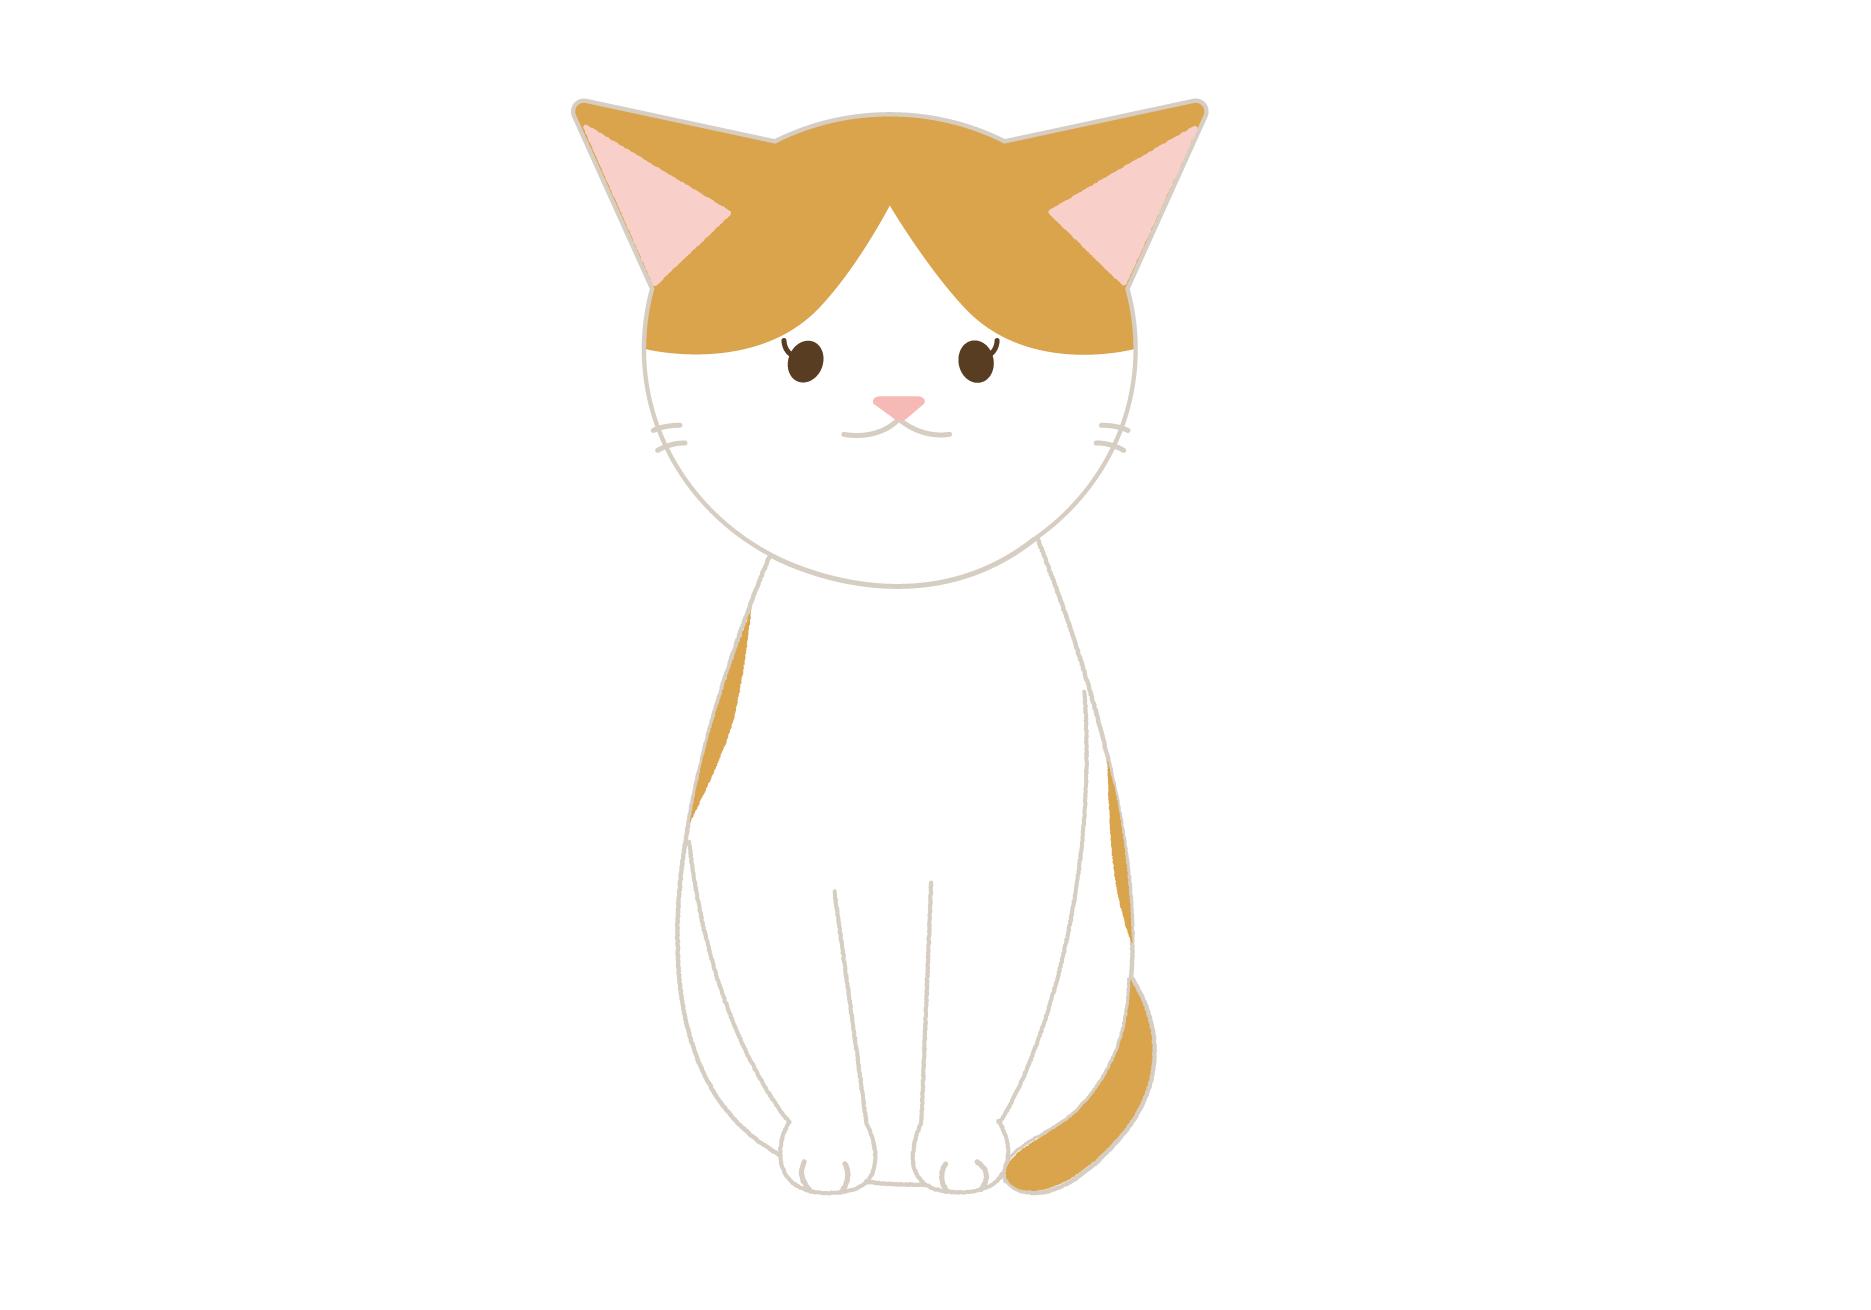 おすわりするネコのイラストカラー別に4種類 イラスト本舗